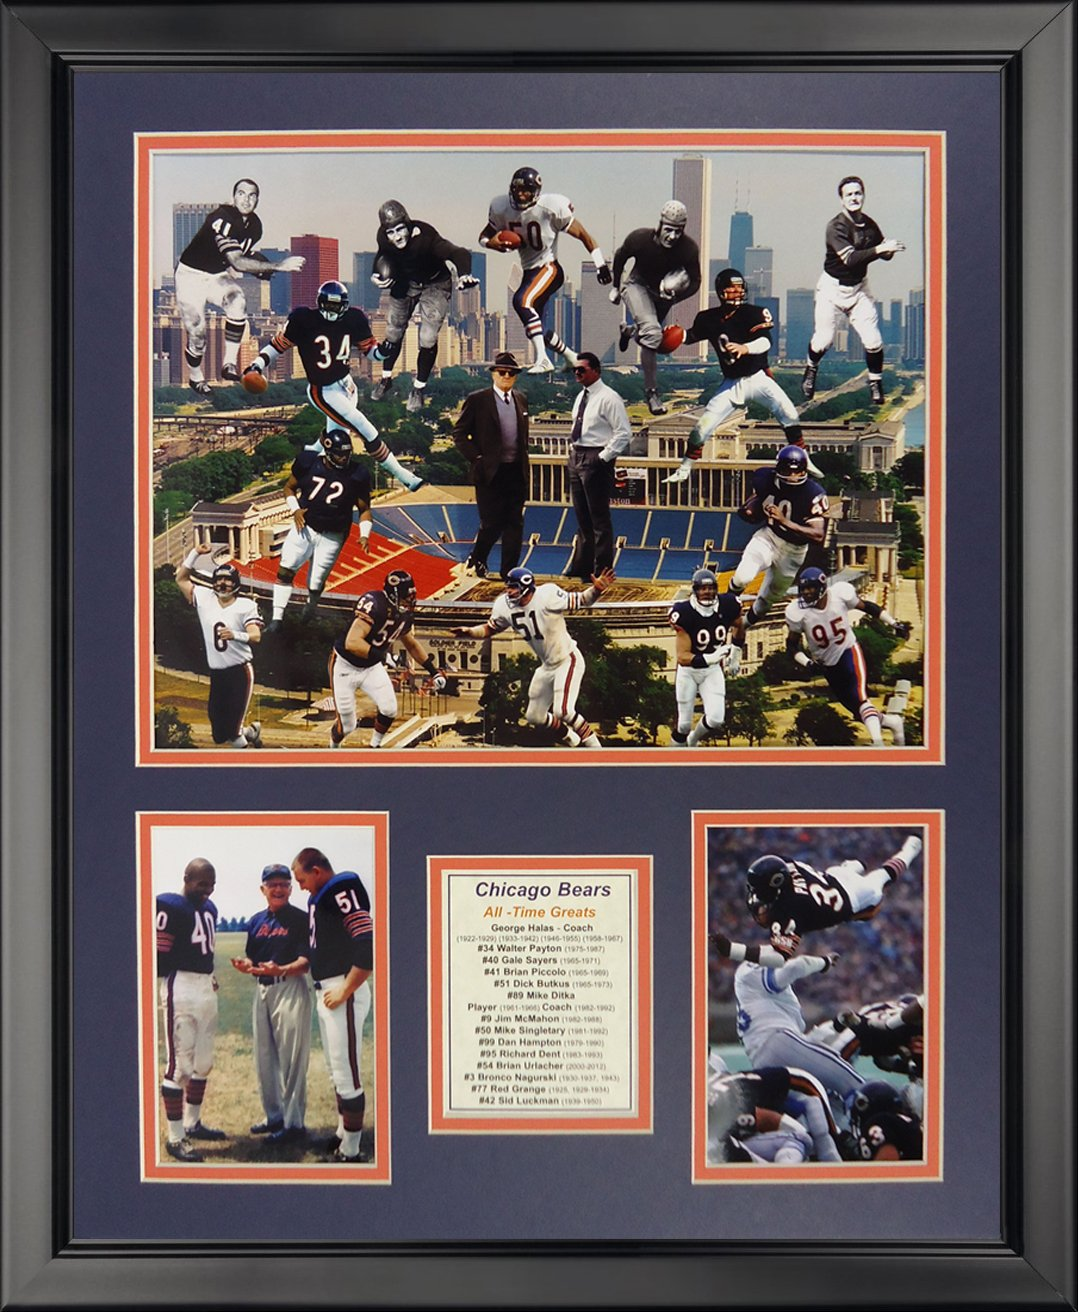 16 x 20 Legends Never Die Tom Landry Framed Photo Collage